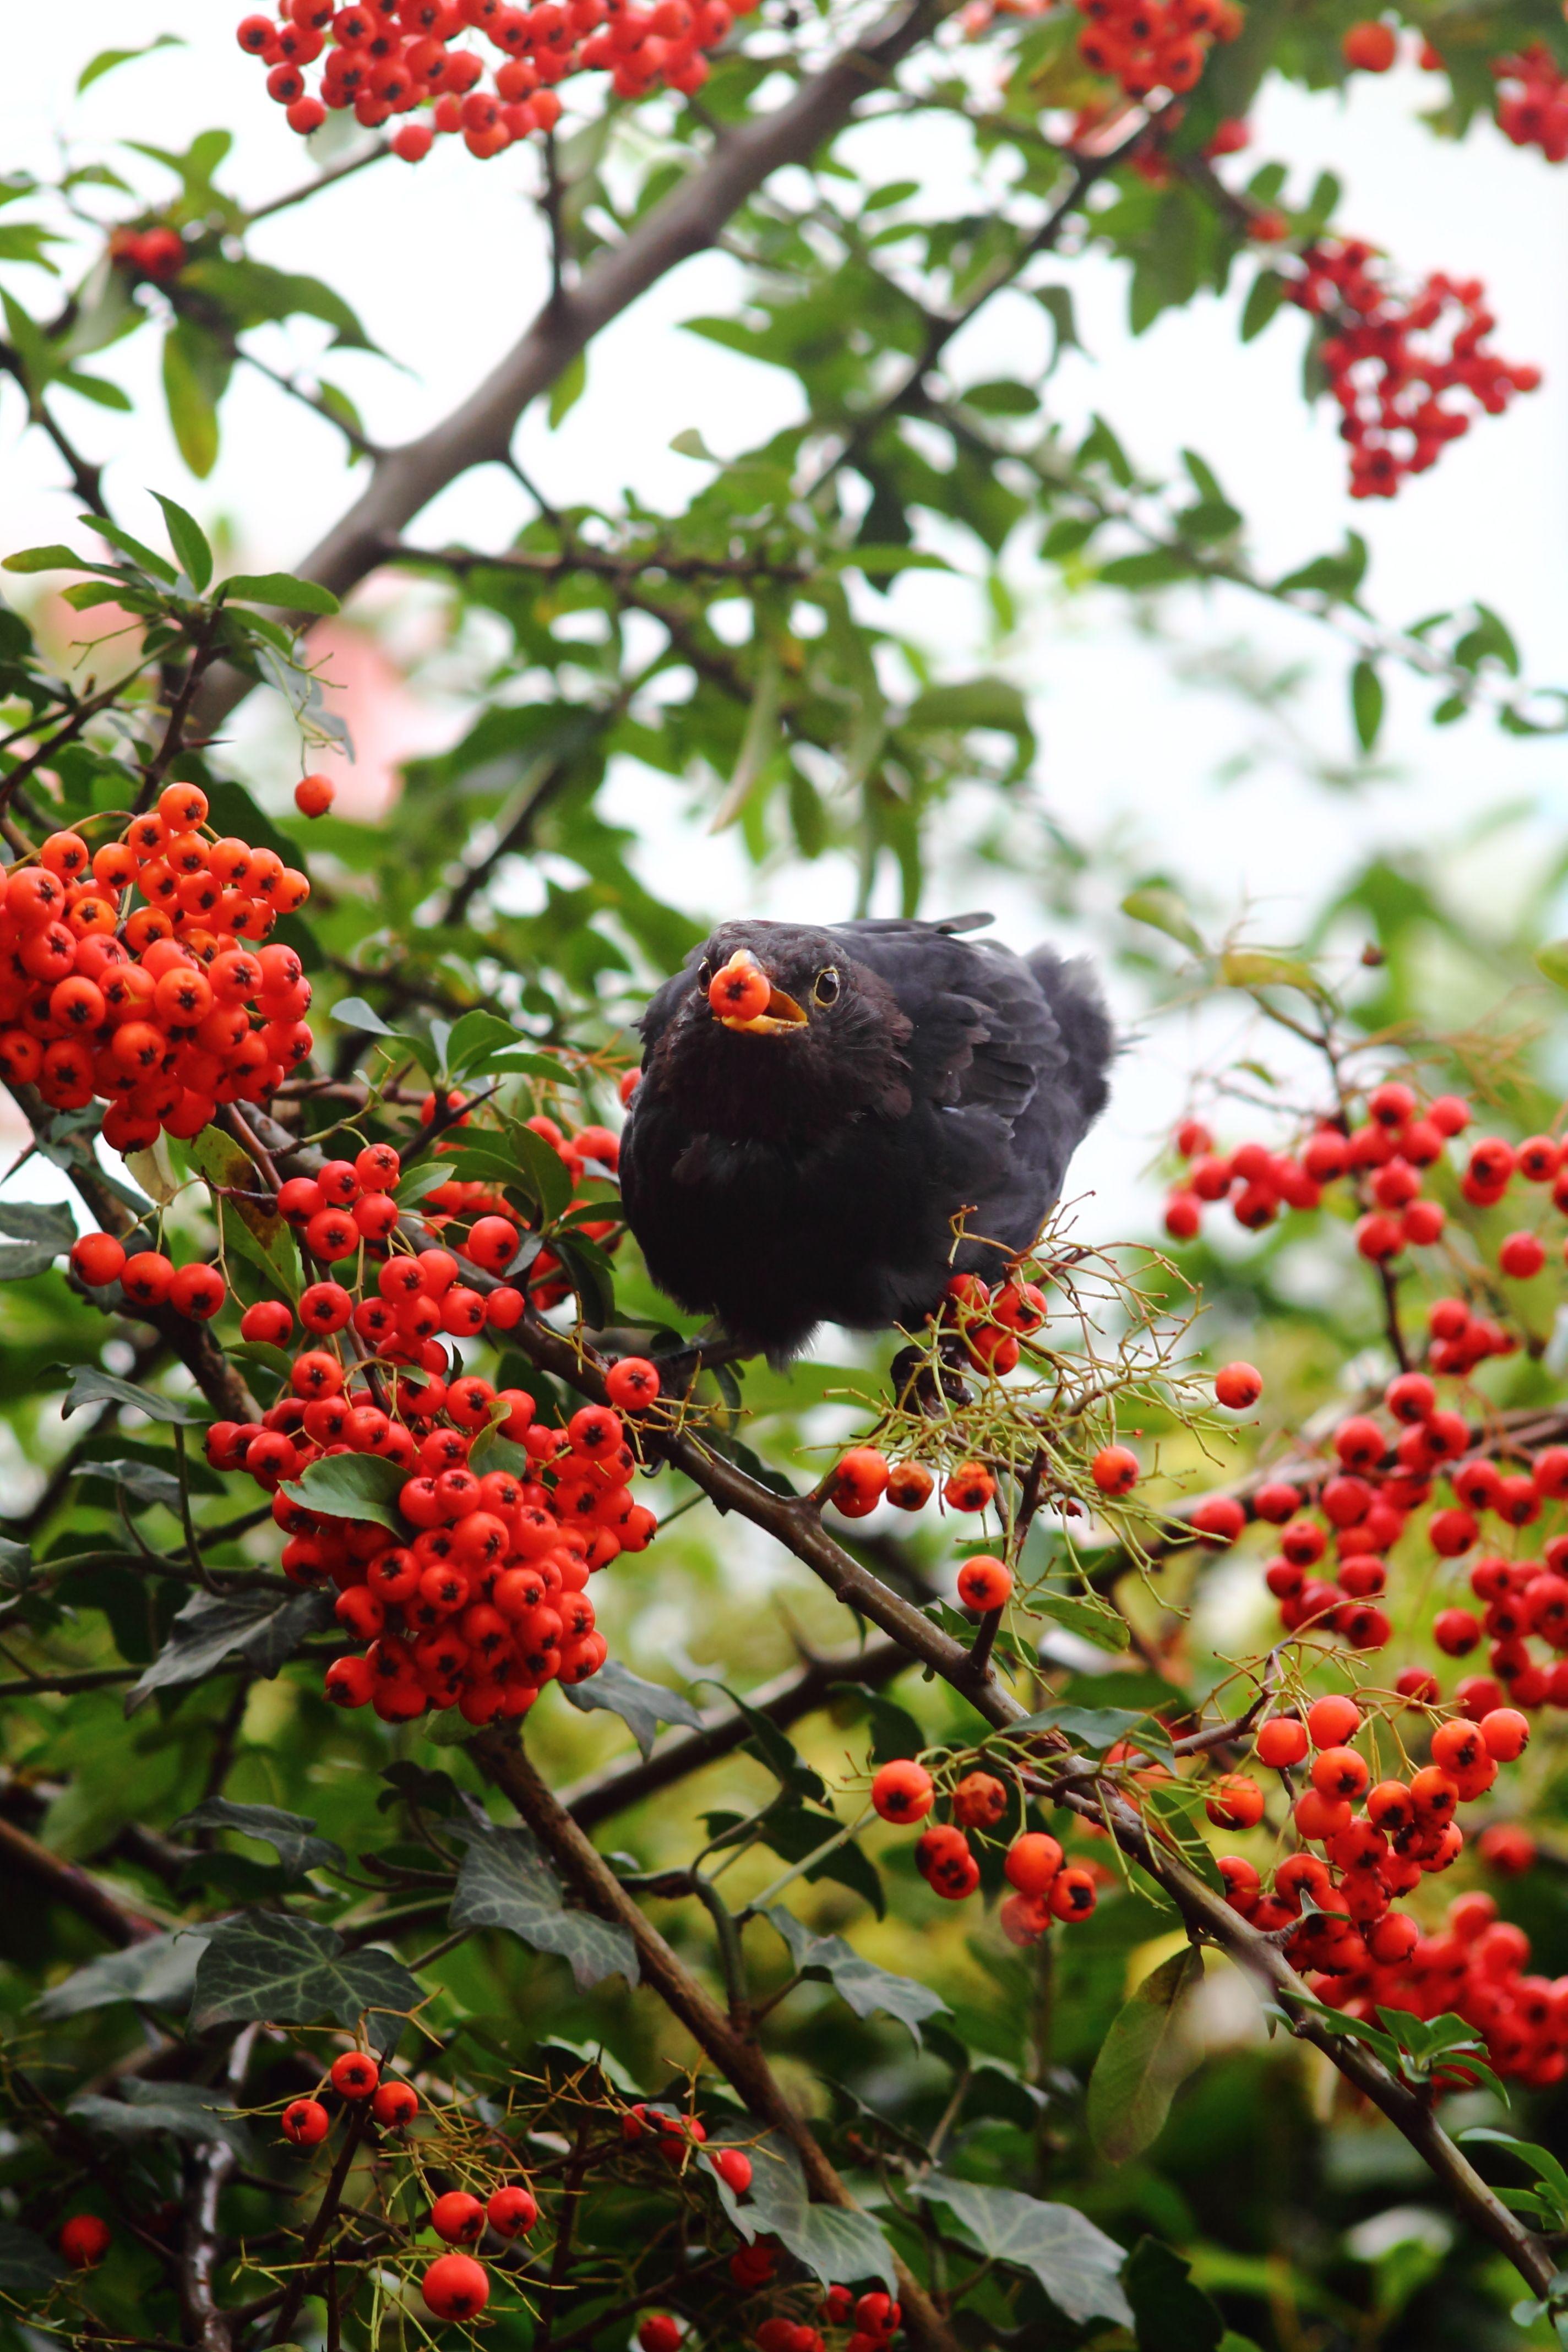 heimische sträucher für vögel und insekten